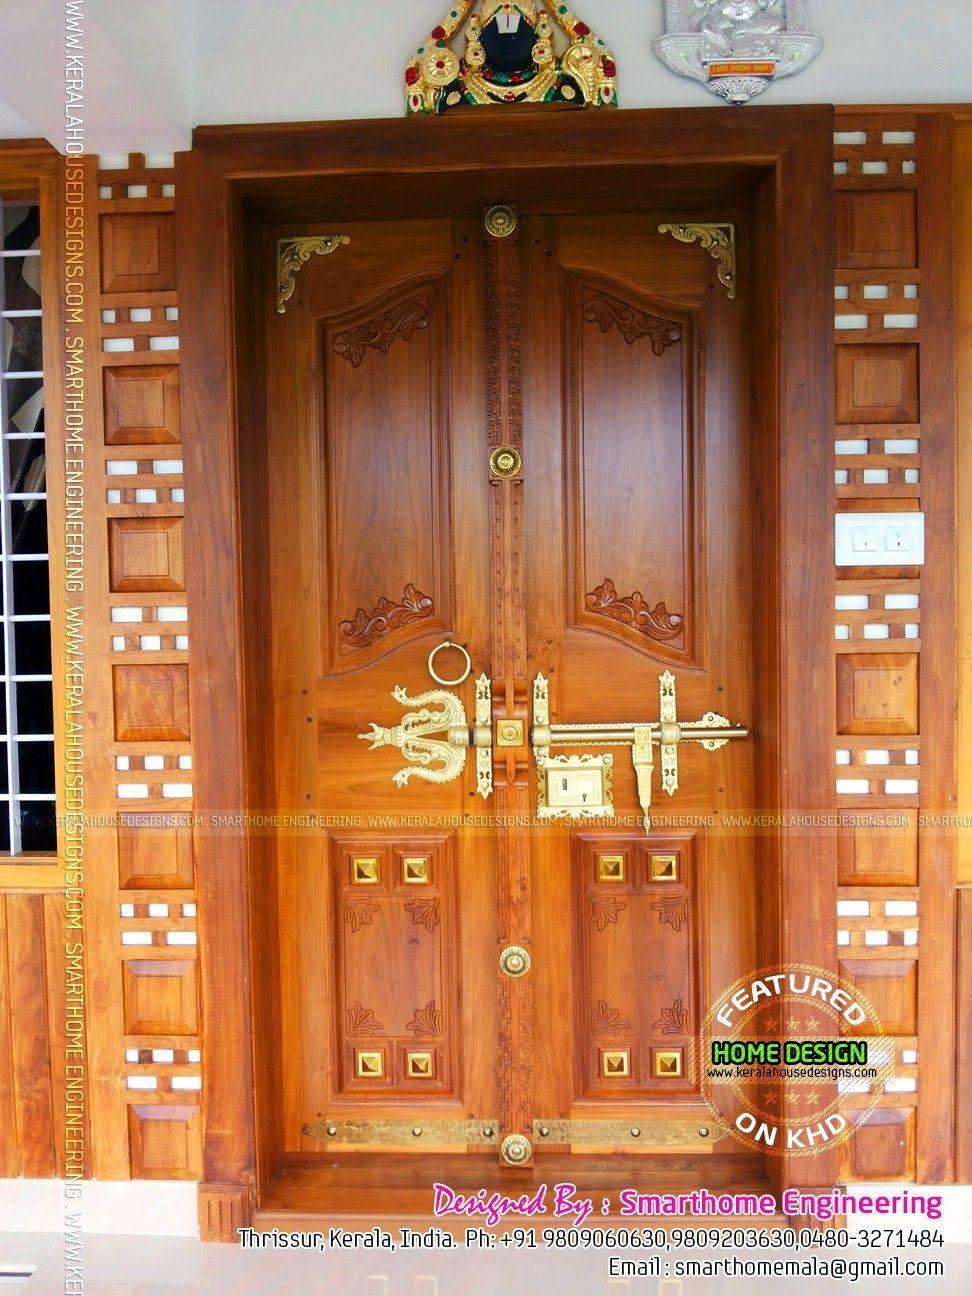 Source Modern House Exterior Door Double Tempered Glass Pure Copper Door Villa Entry Front Exterior House Doors Front Door Design Wood Wooden Main Door Design